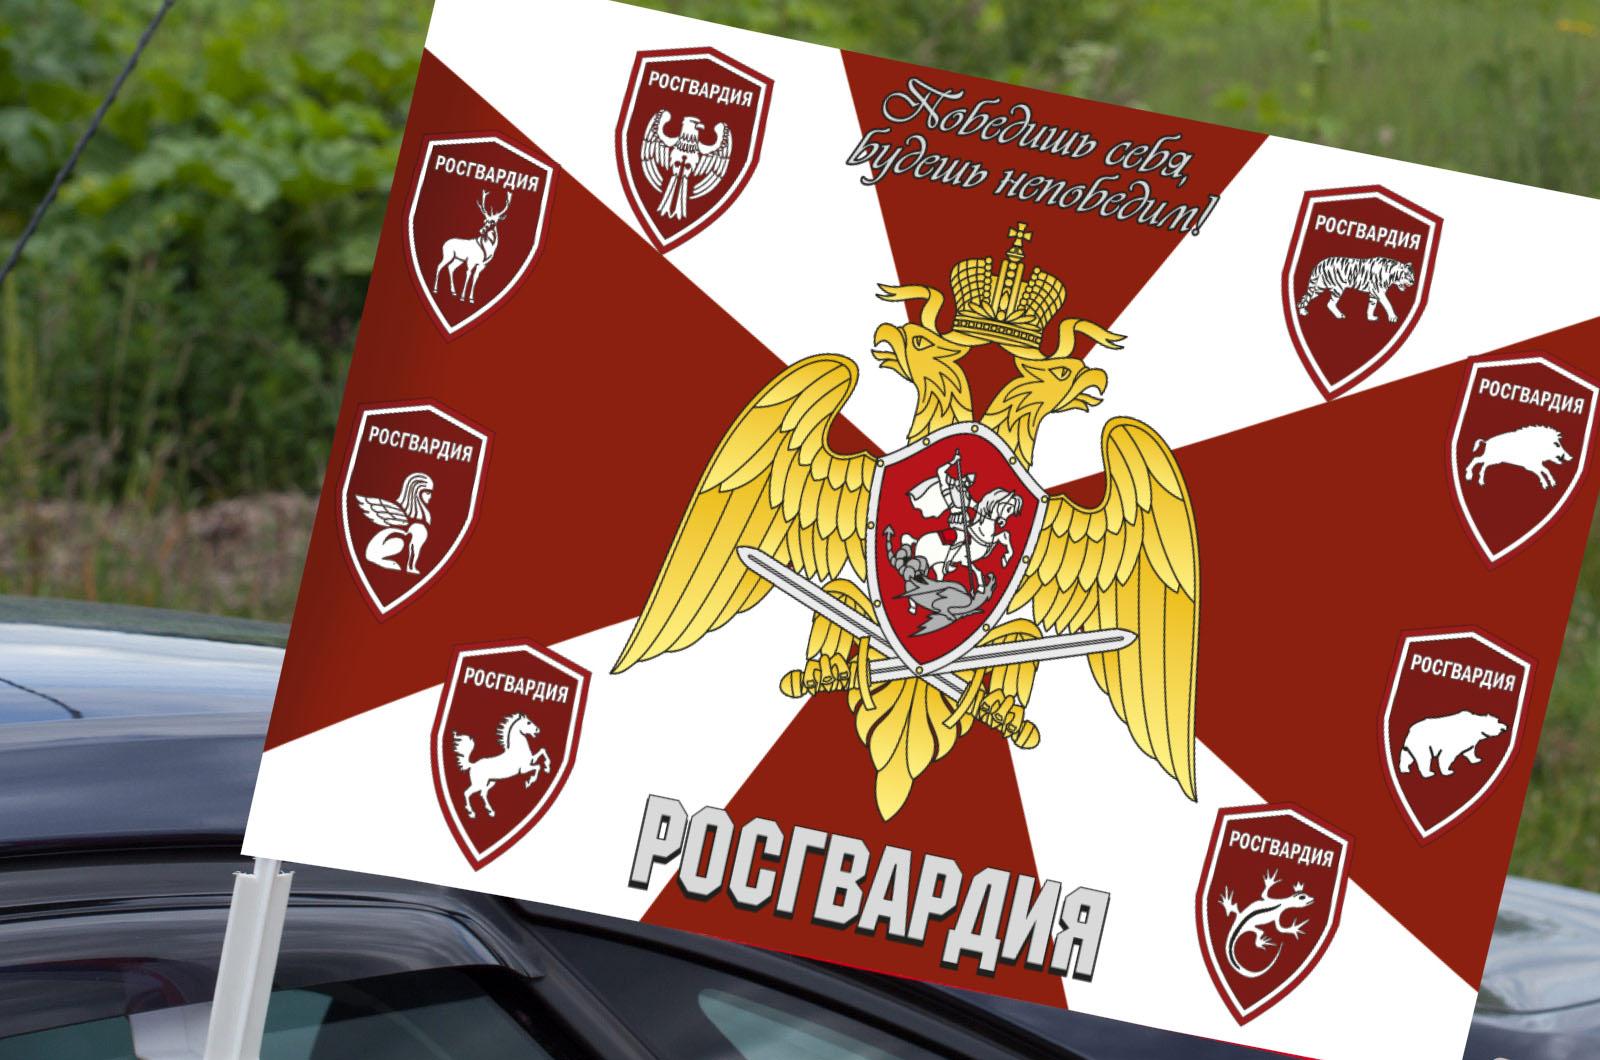 Автомобильный флаг Росгвардия